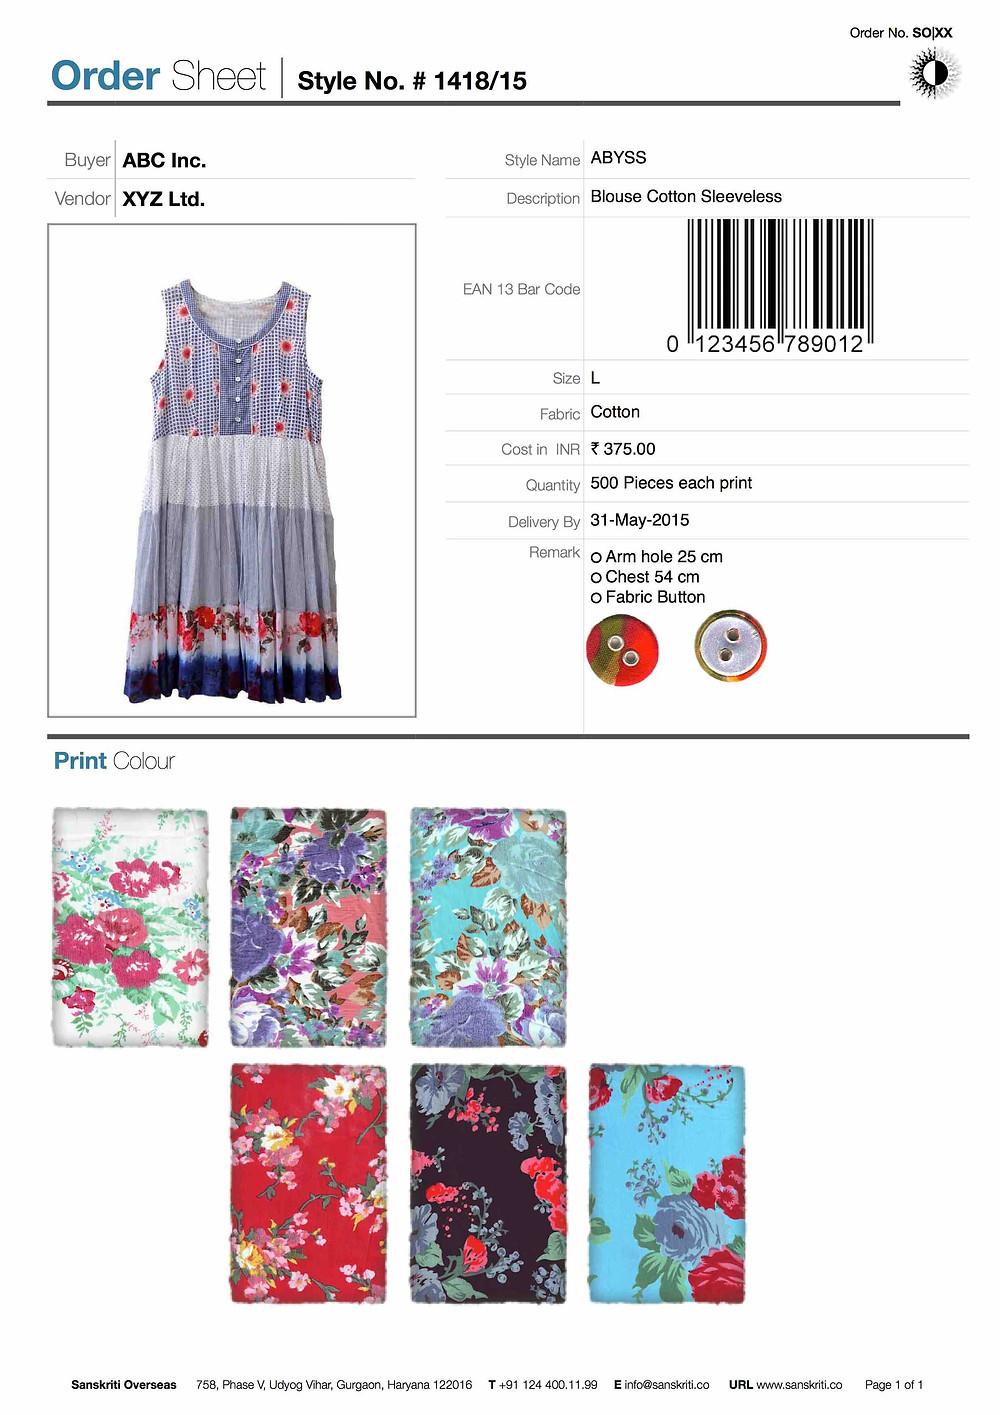 Order Sheet